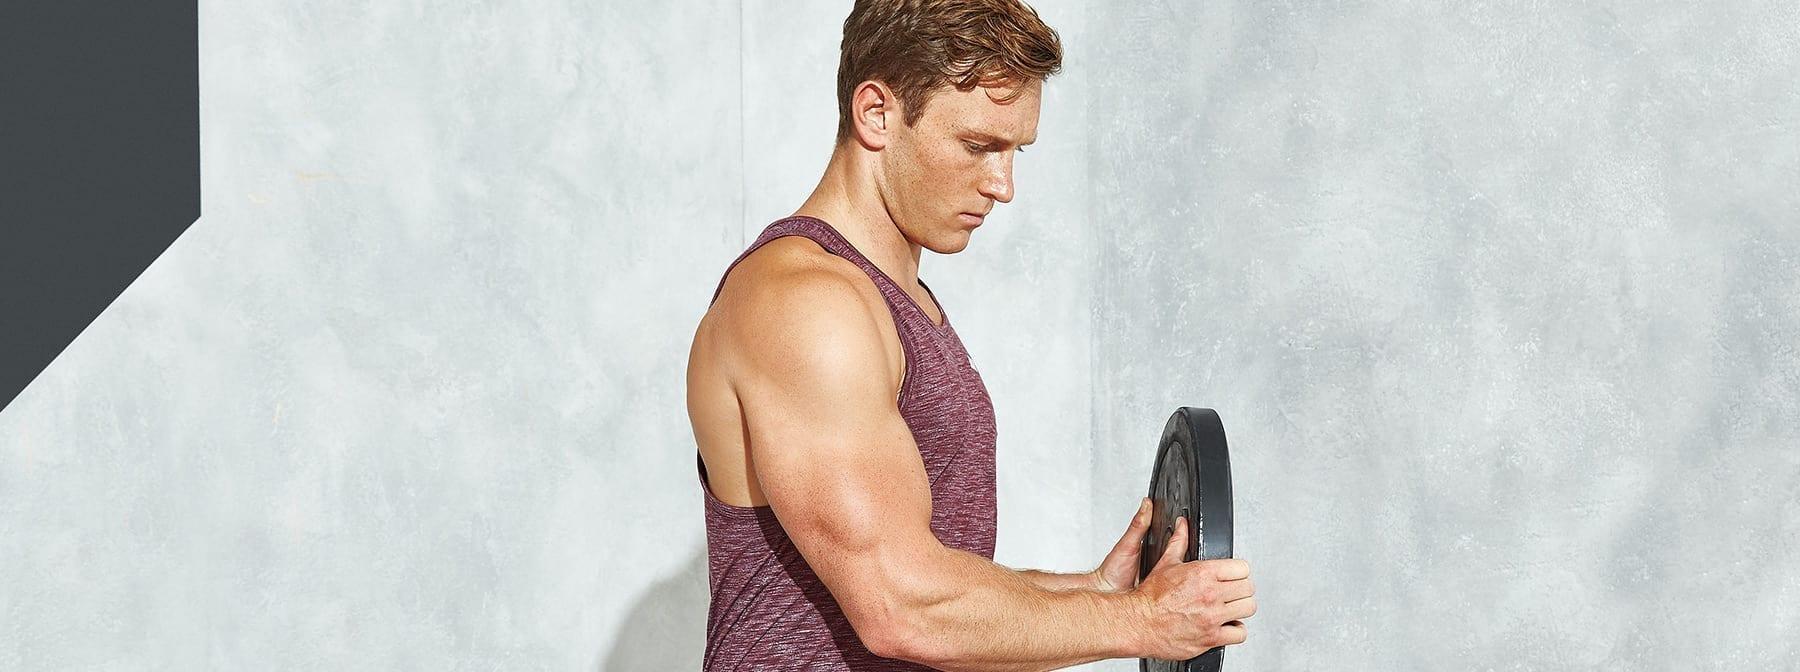 6 個三角肌練習   最適合大眾的肩部鍛煉